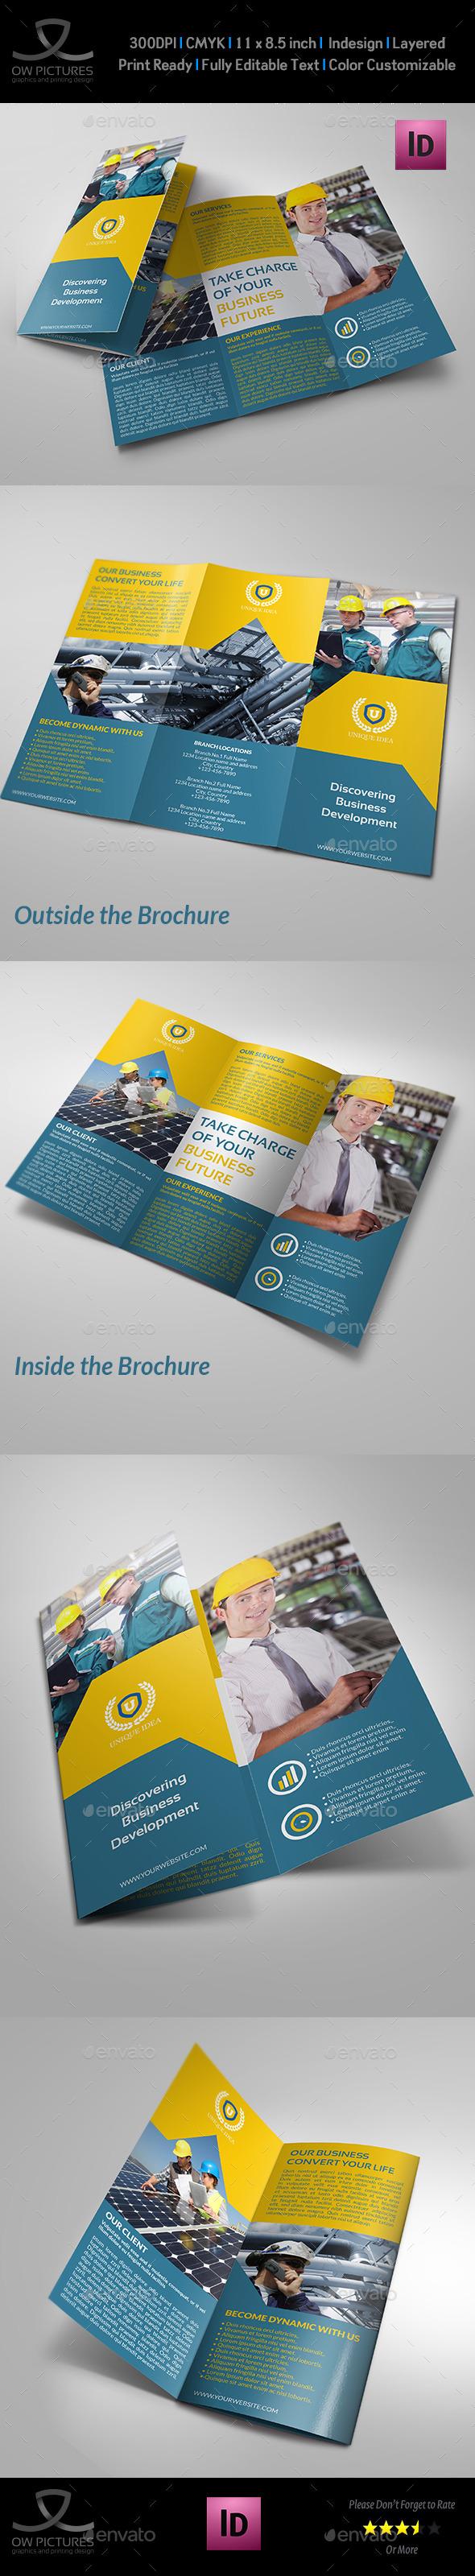 GraphicRiver Company Brochure Tri-Fold Brochure Vol.21 11258422